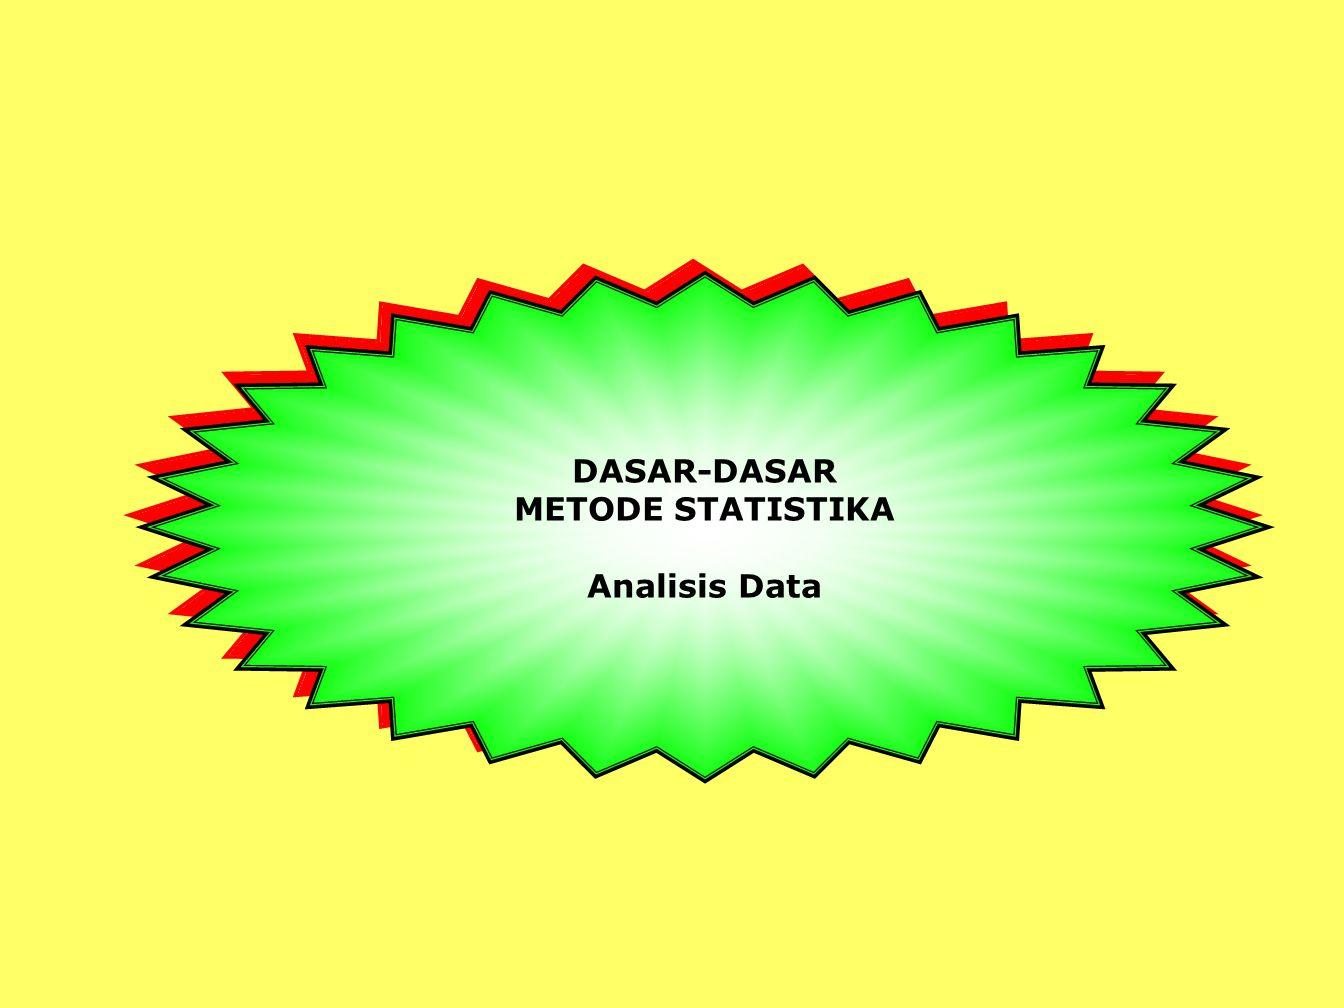 DASAR-DASAR METODE STATISTIKA Analisis Data